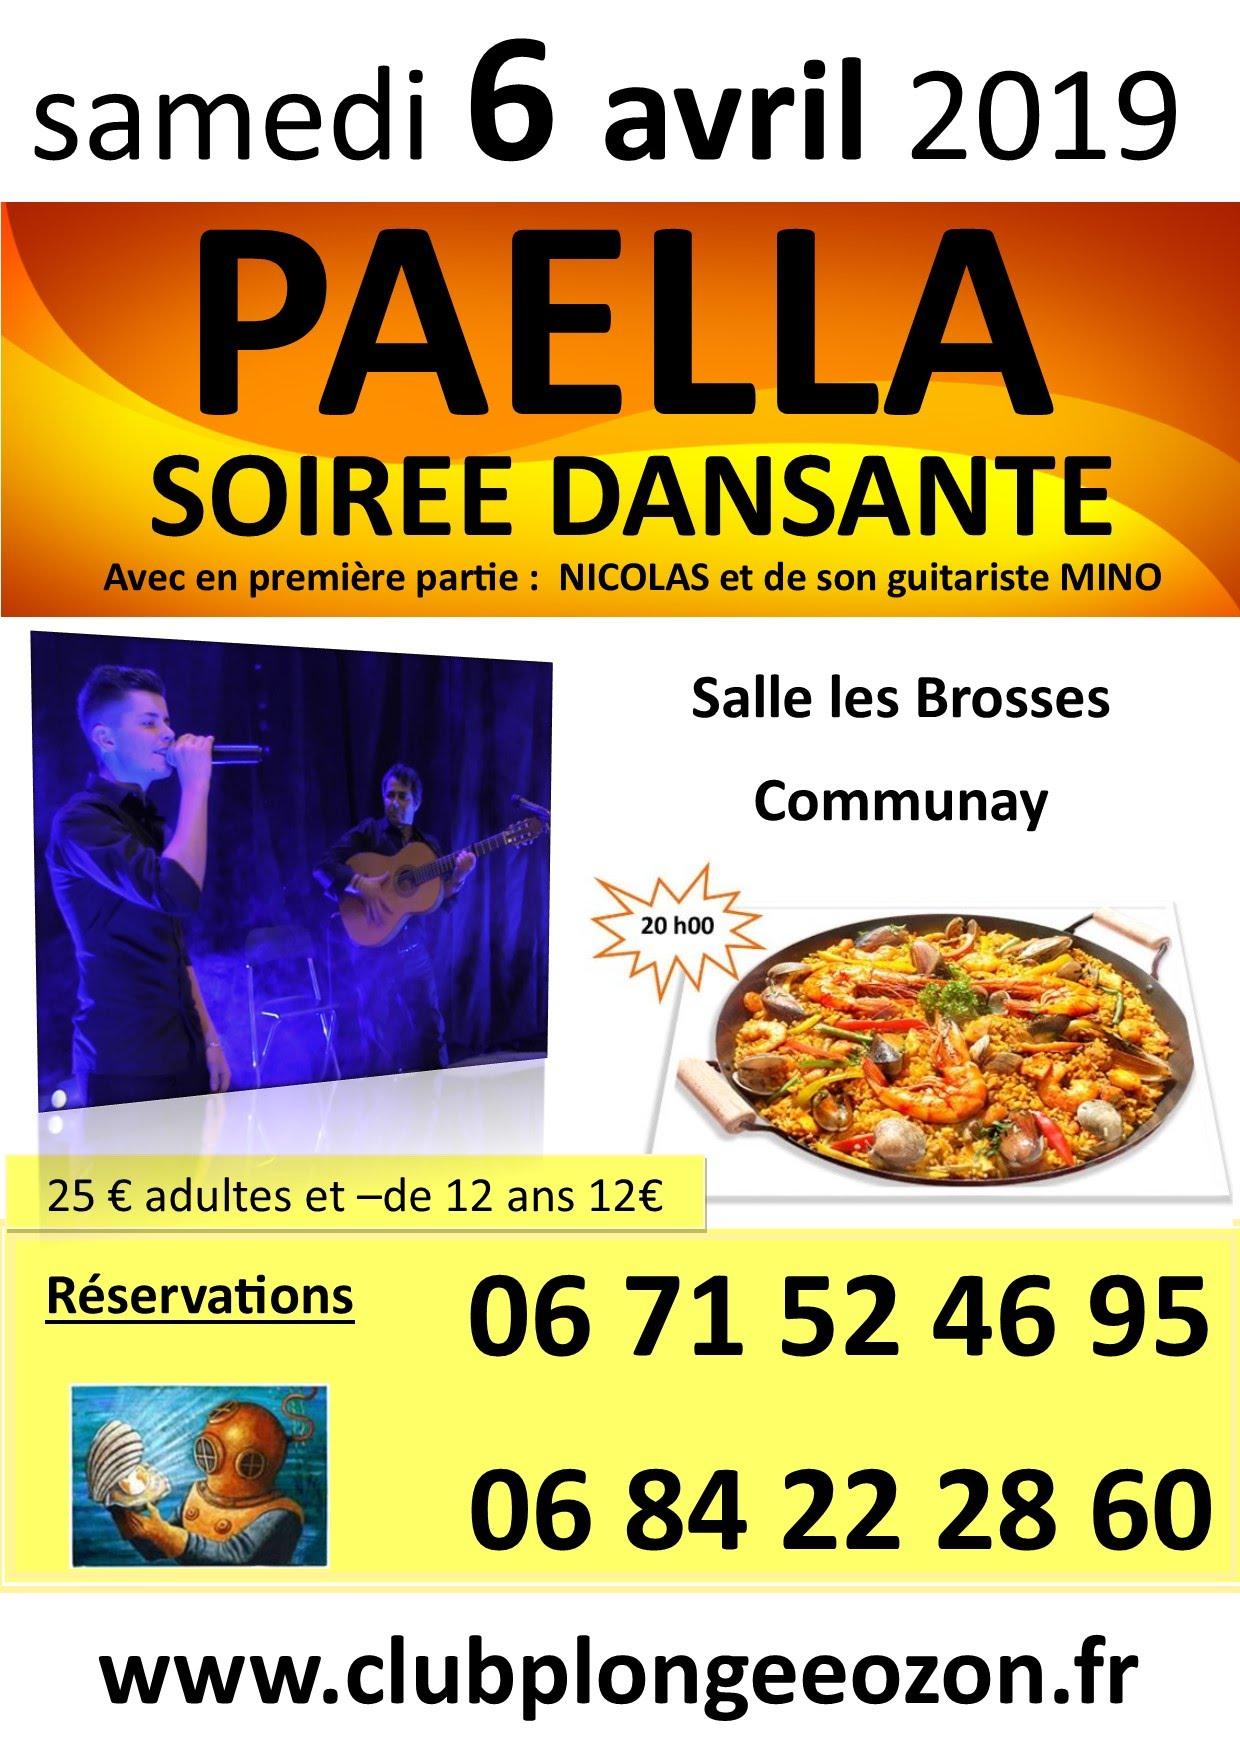 Soirée Paëlla dansante